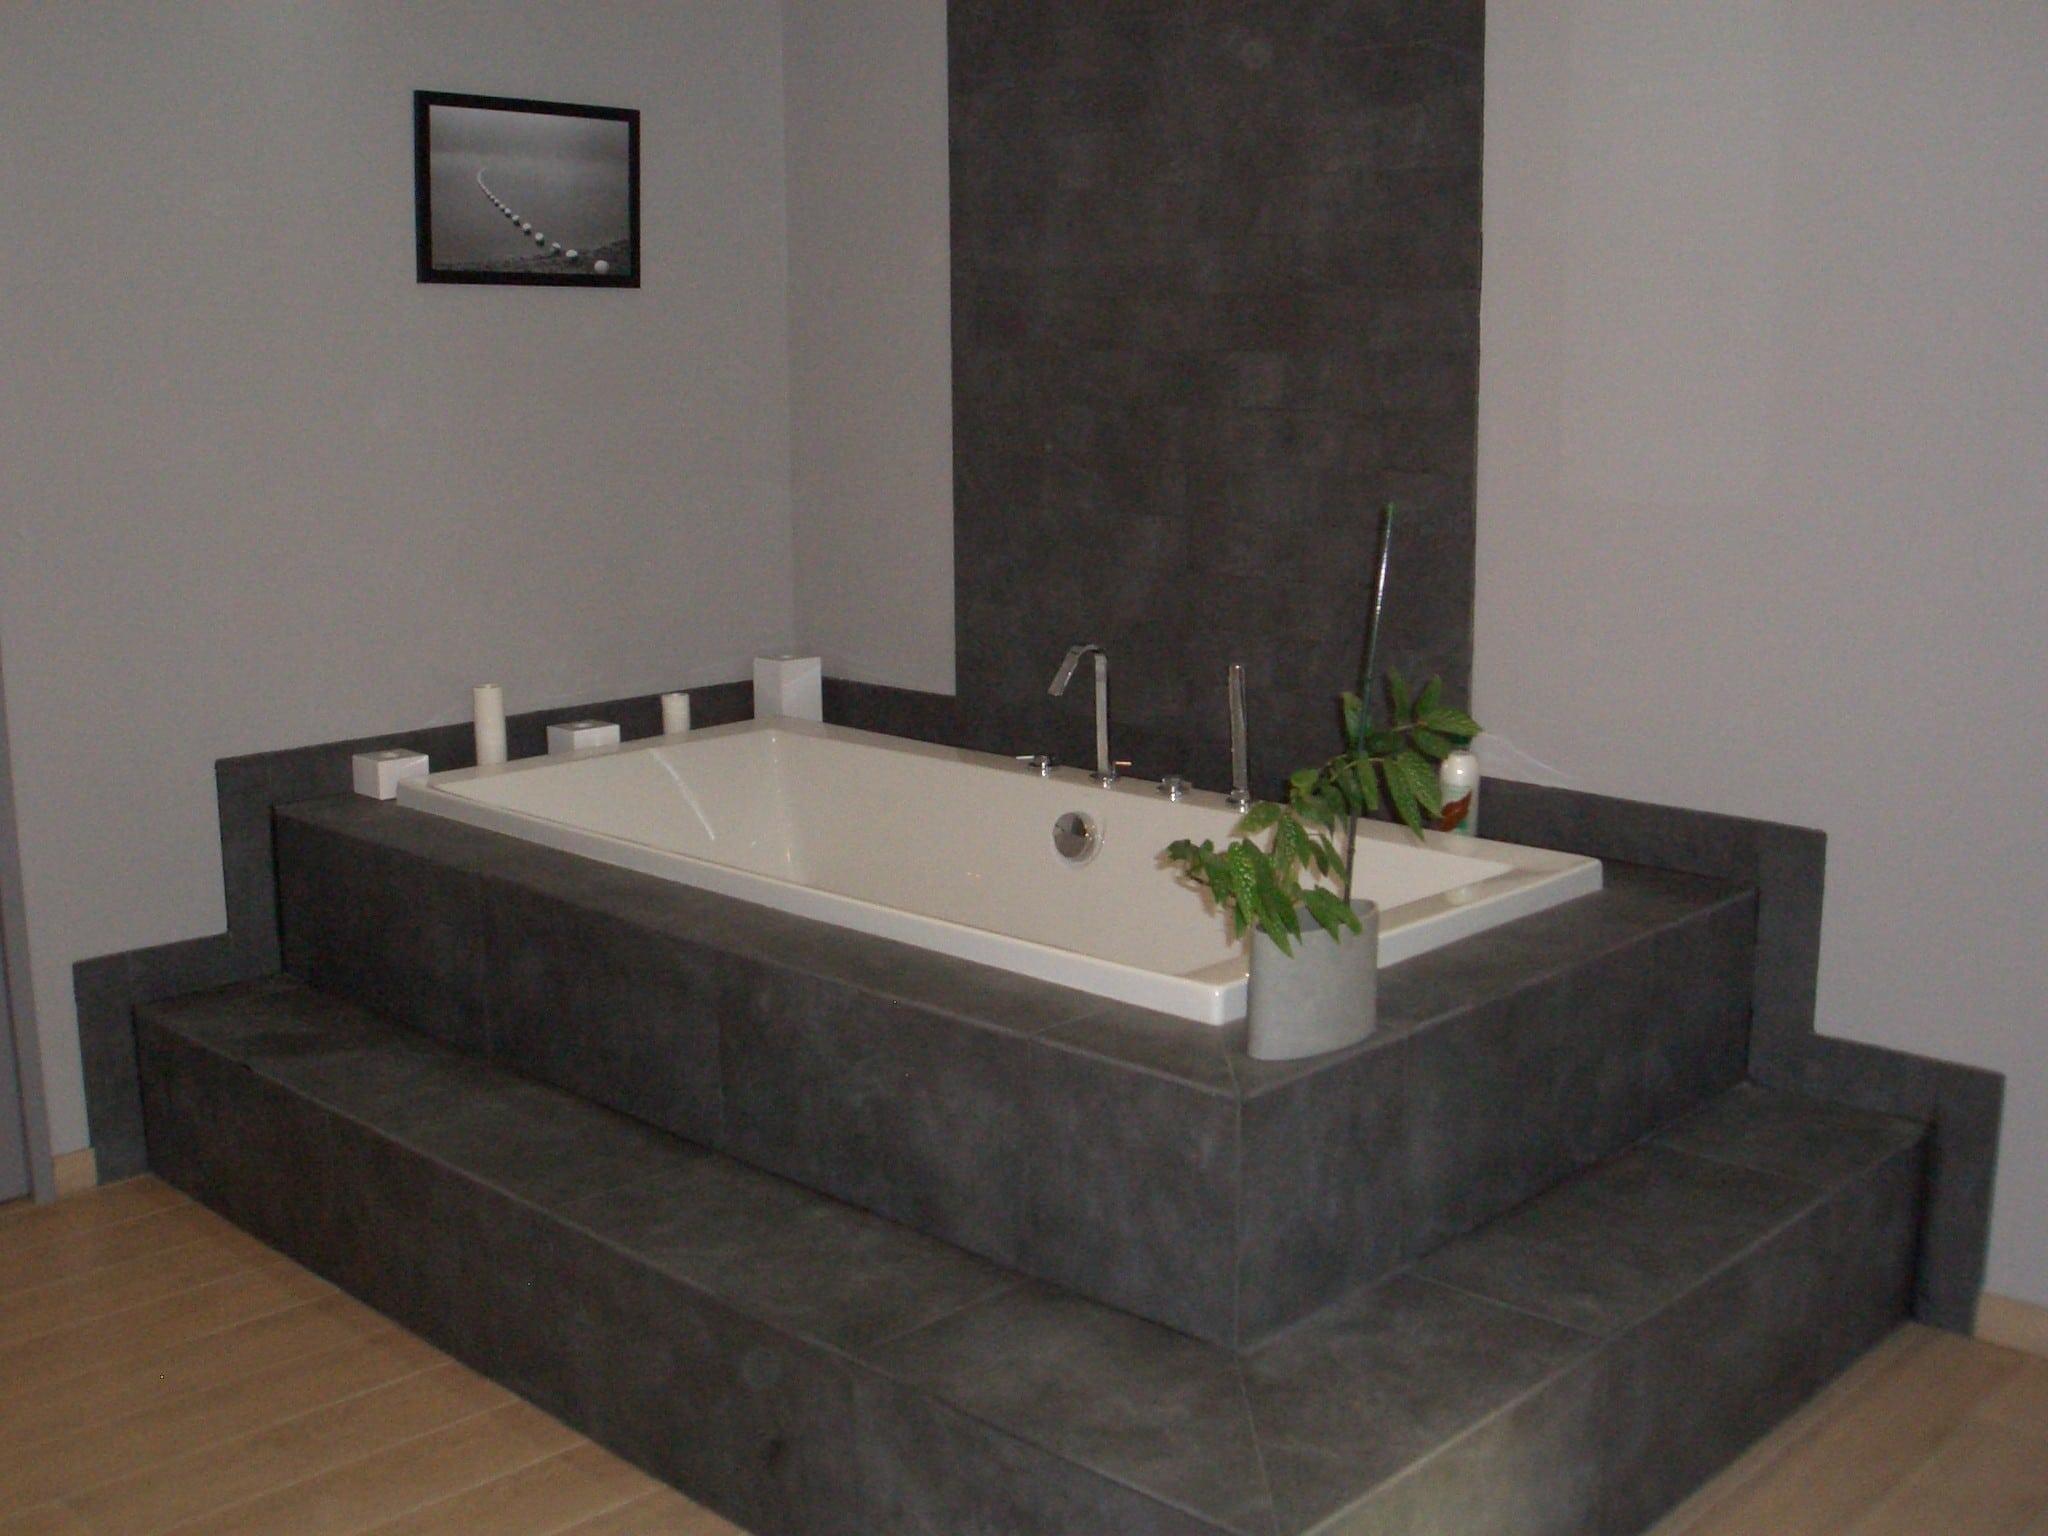 Trouver la baignoire idéale pour votre salle de bain